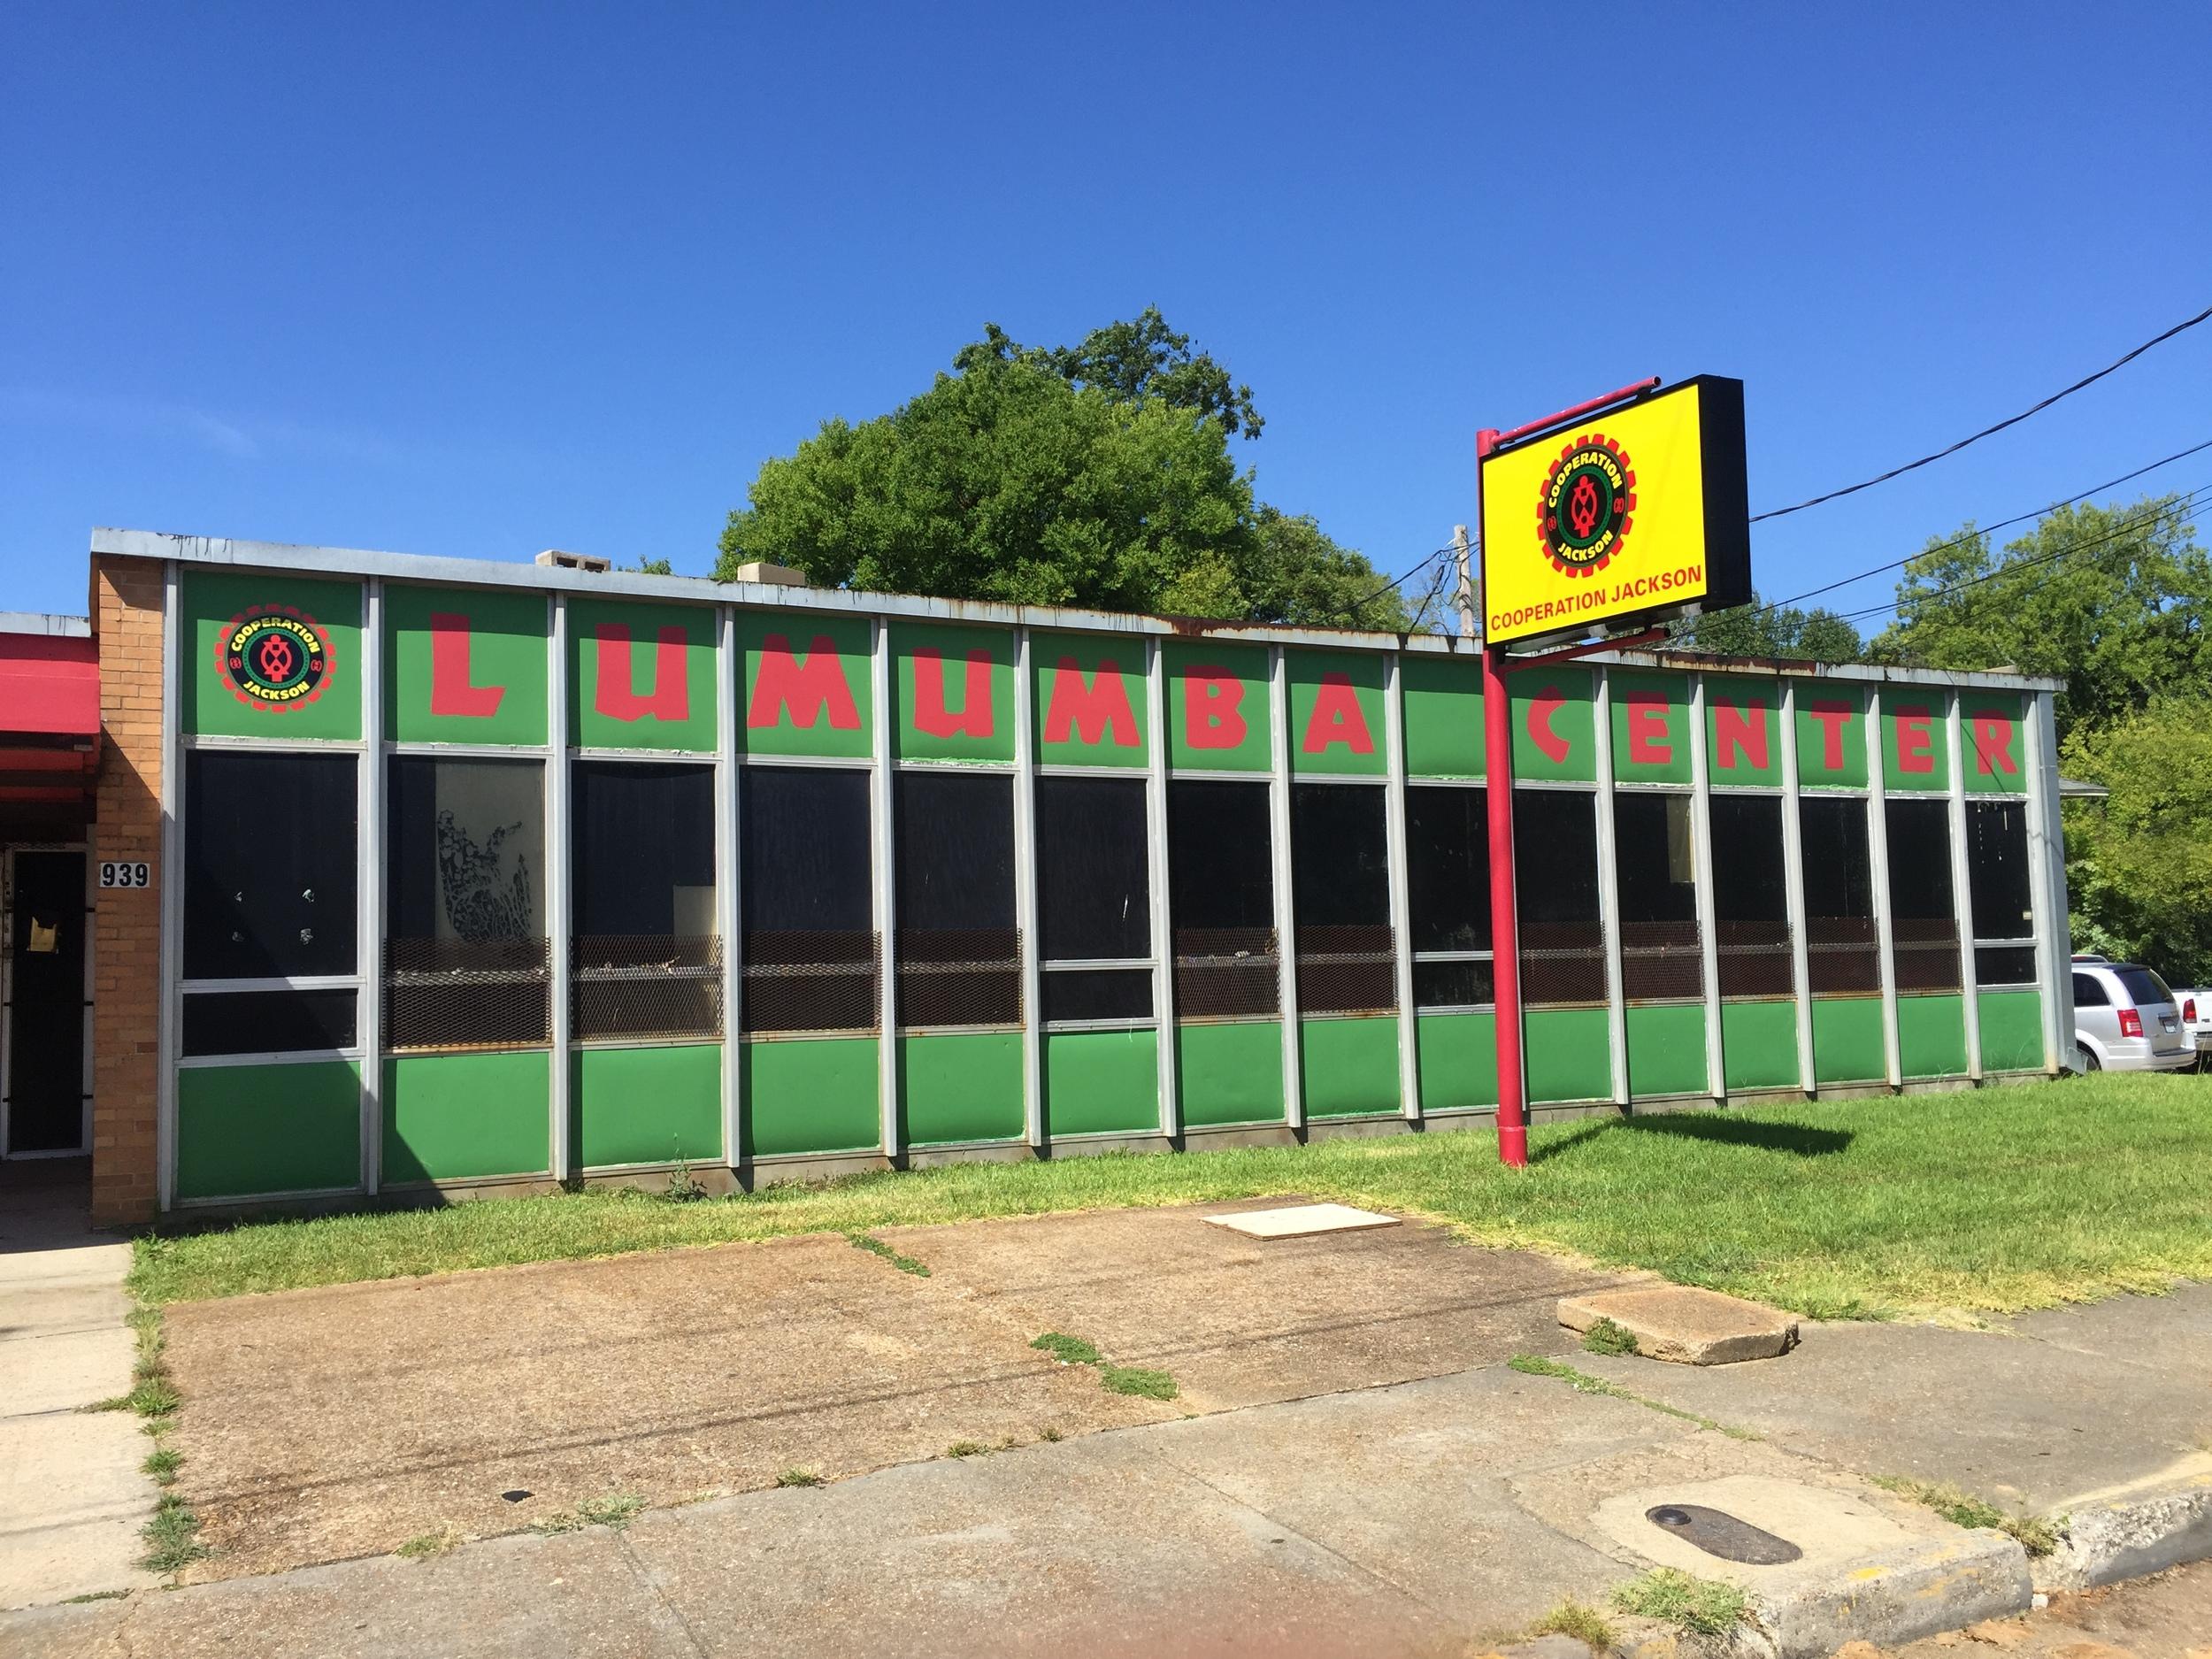 The Lumumba center for economic democracy and development